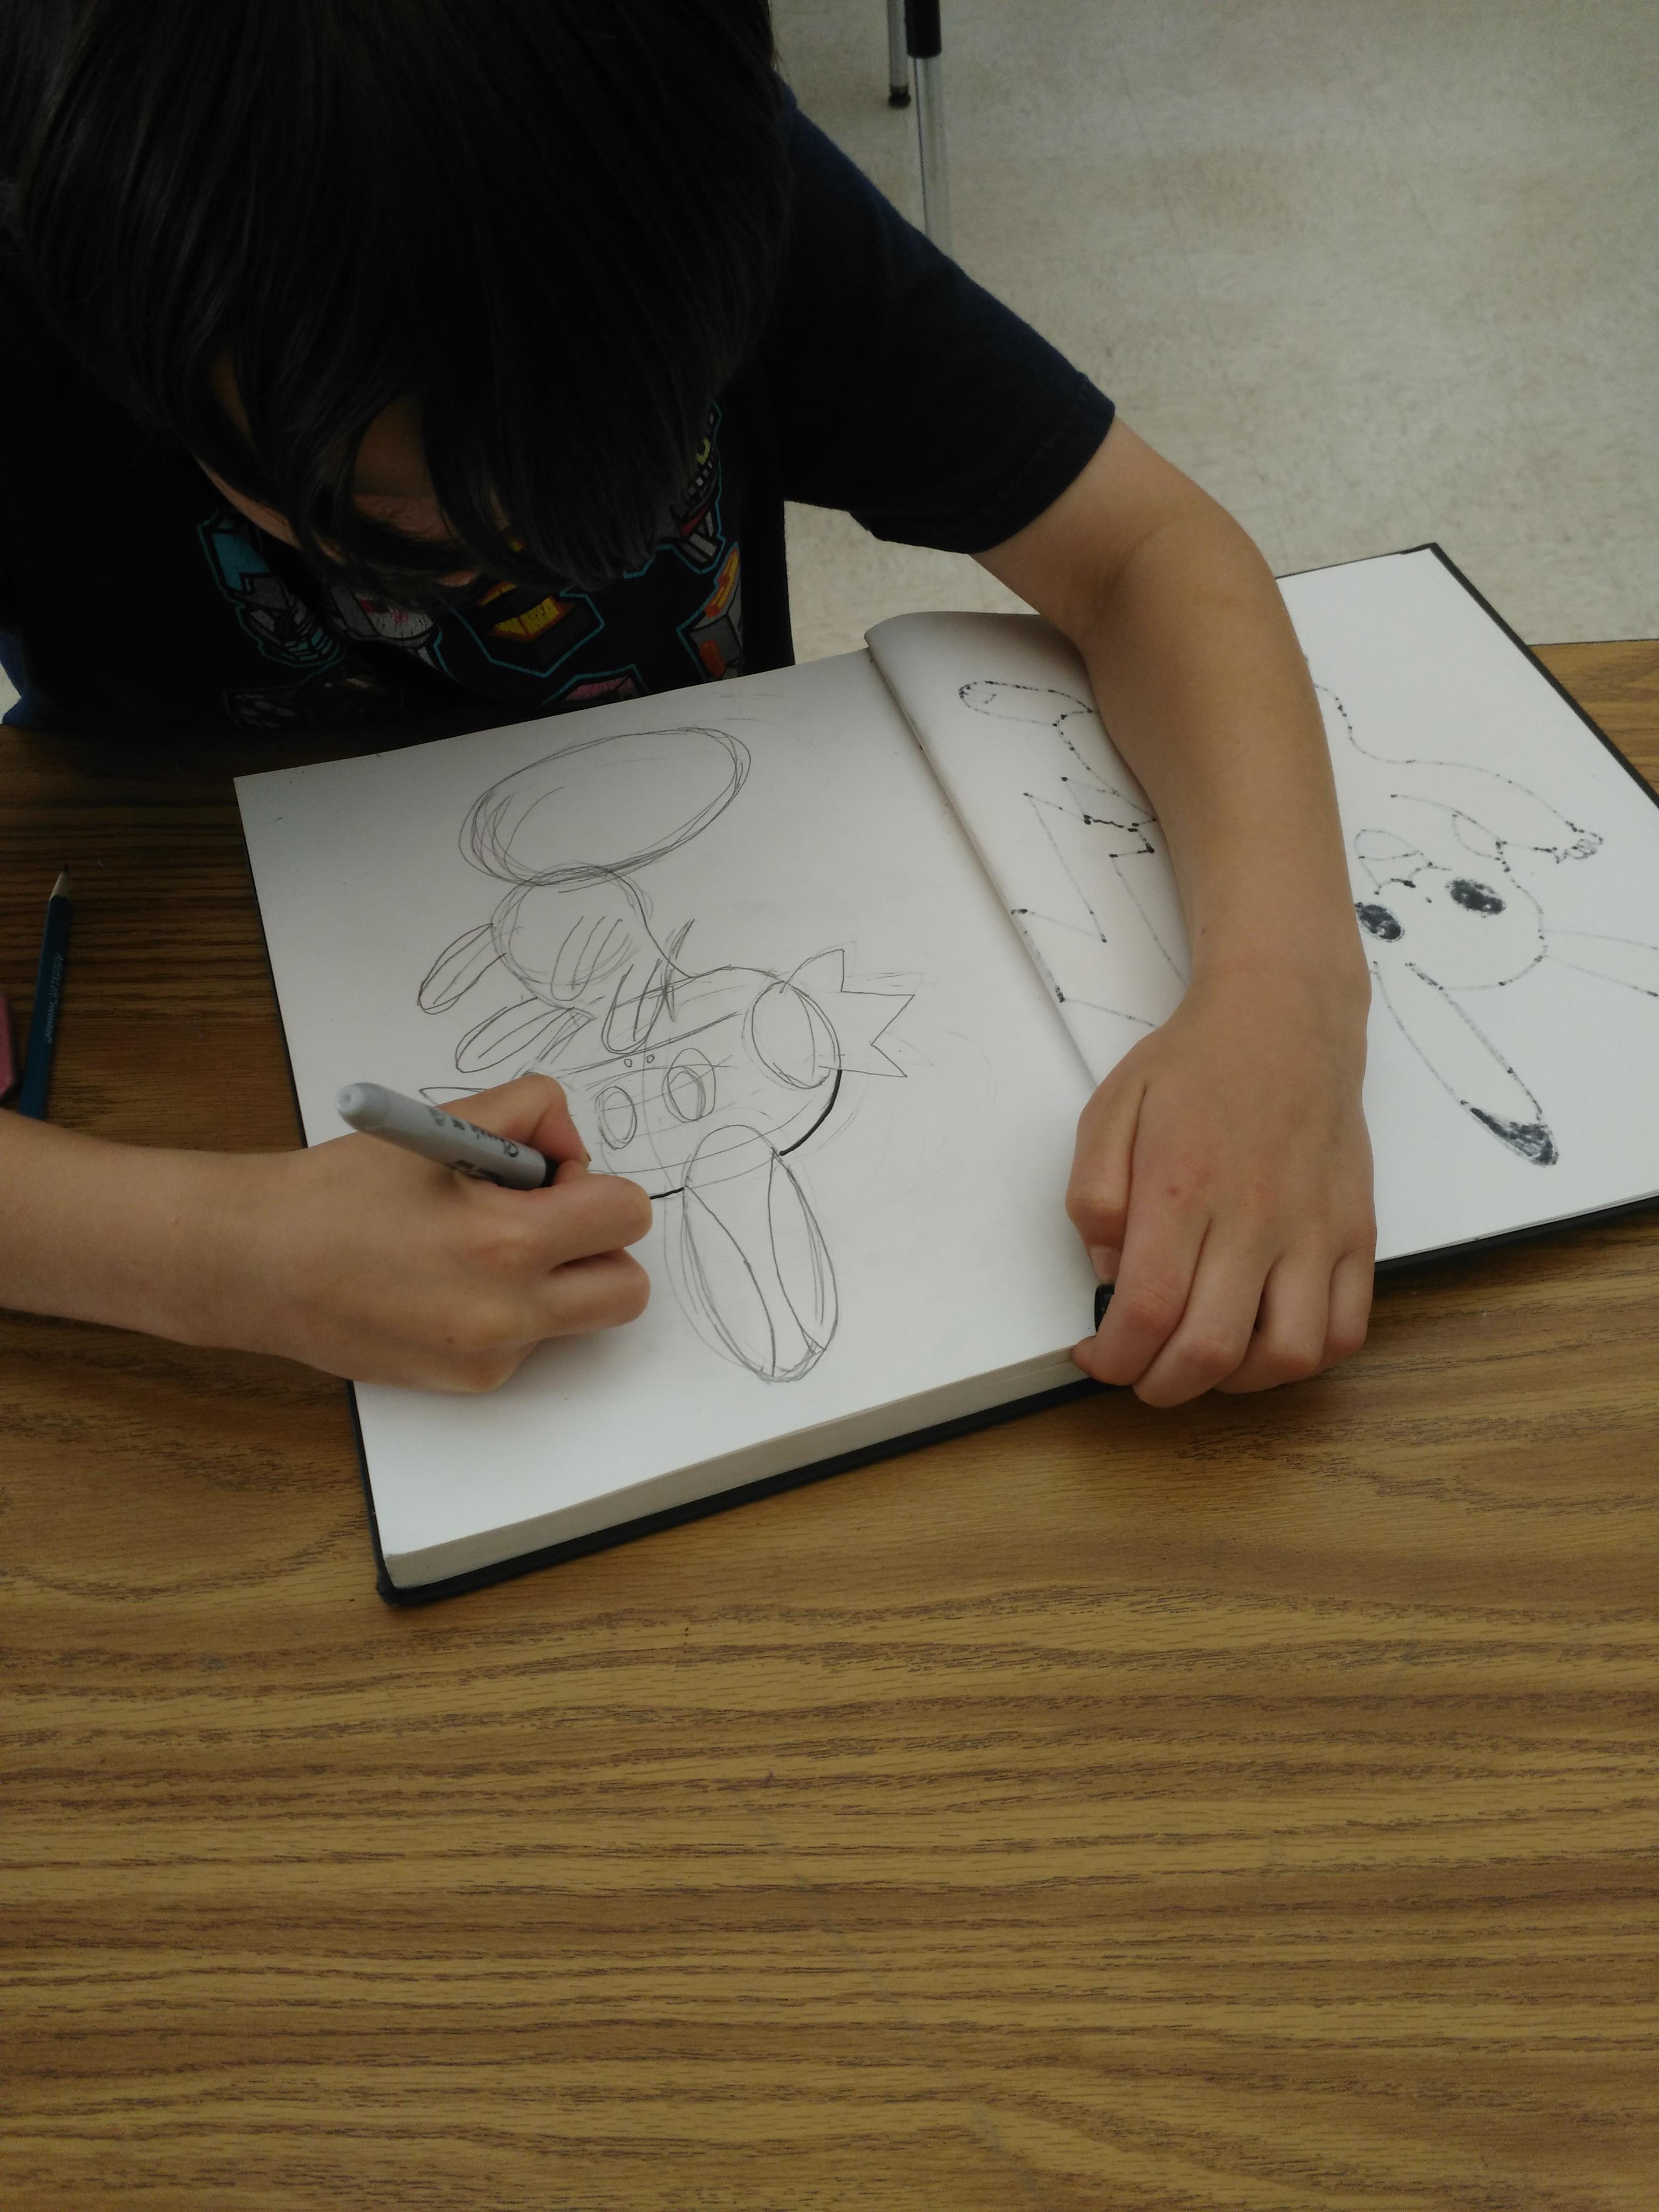 Anime Art Class